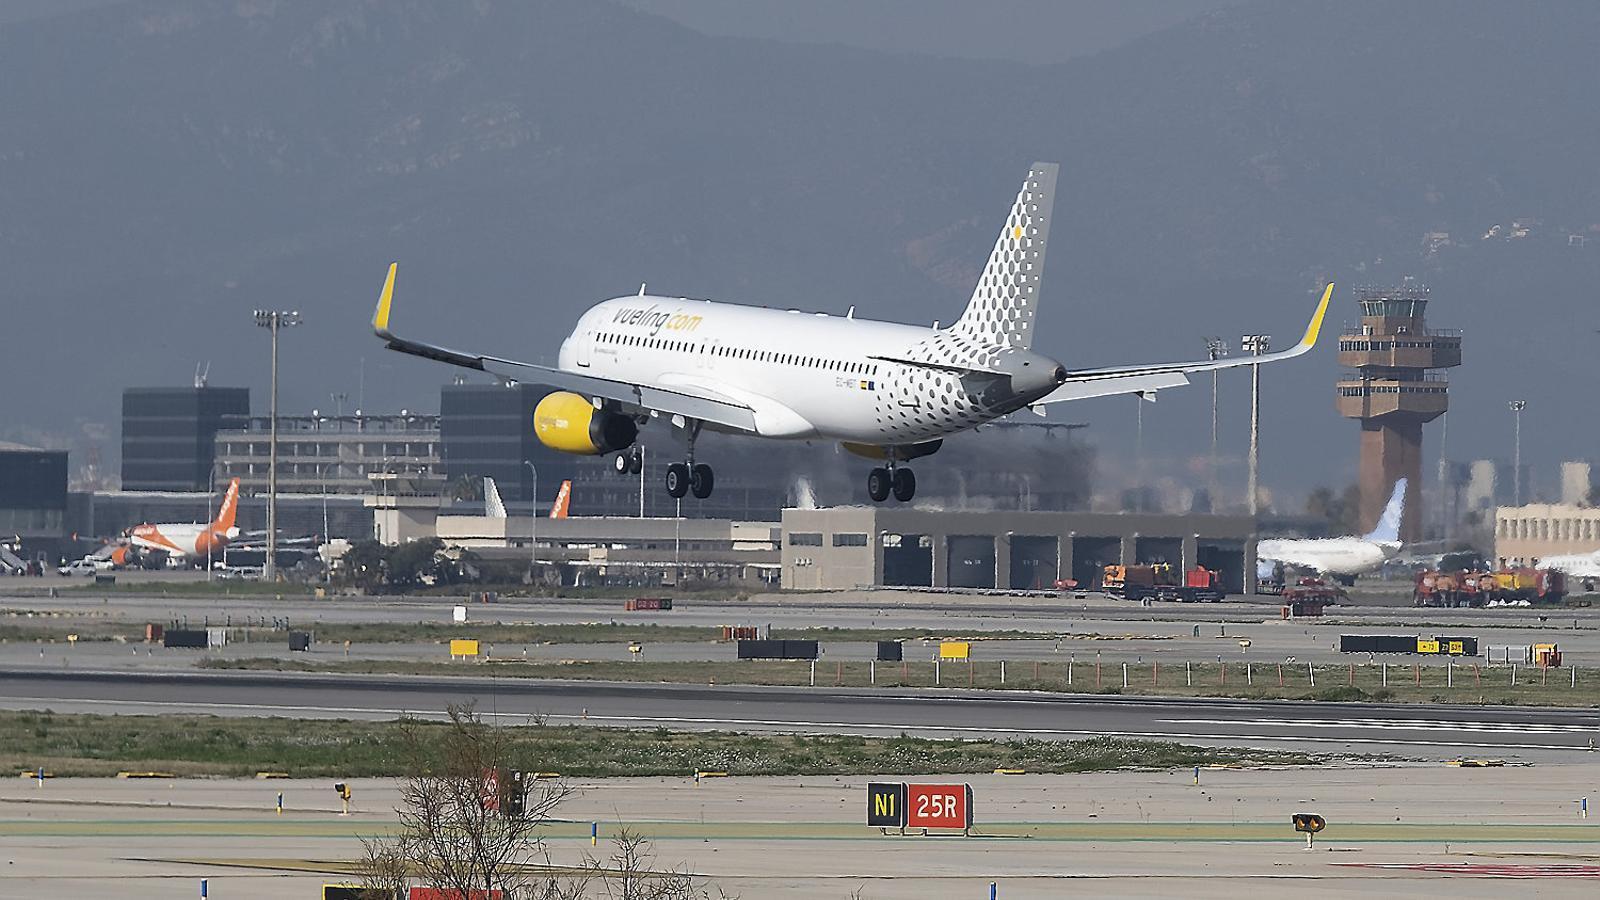 Vueling és la principal aerolínia de l'aeroport del Prat, molt per davant de la resta.